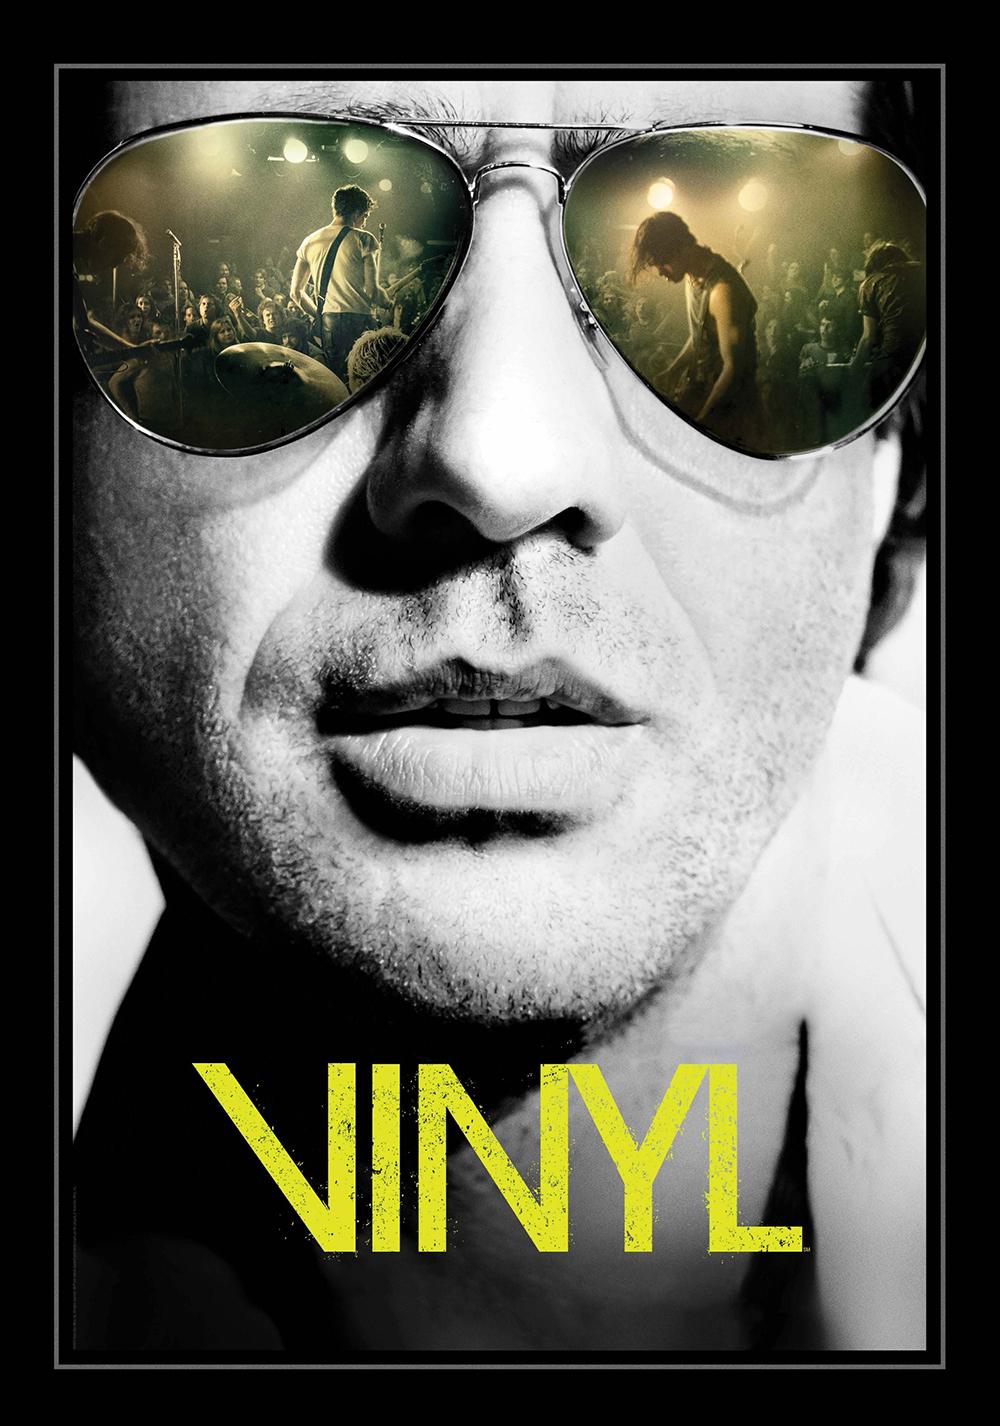 Vinyl S01E01 | HDTV 720p x265 | Inglés